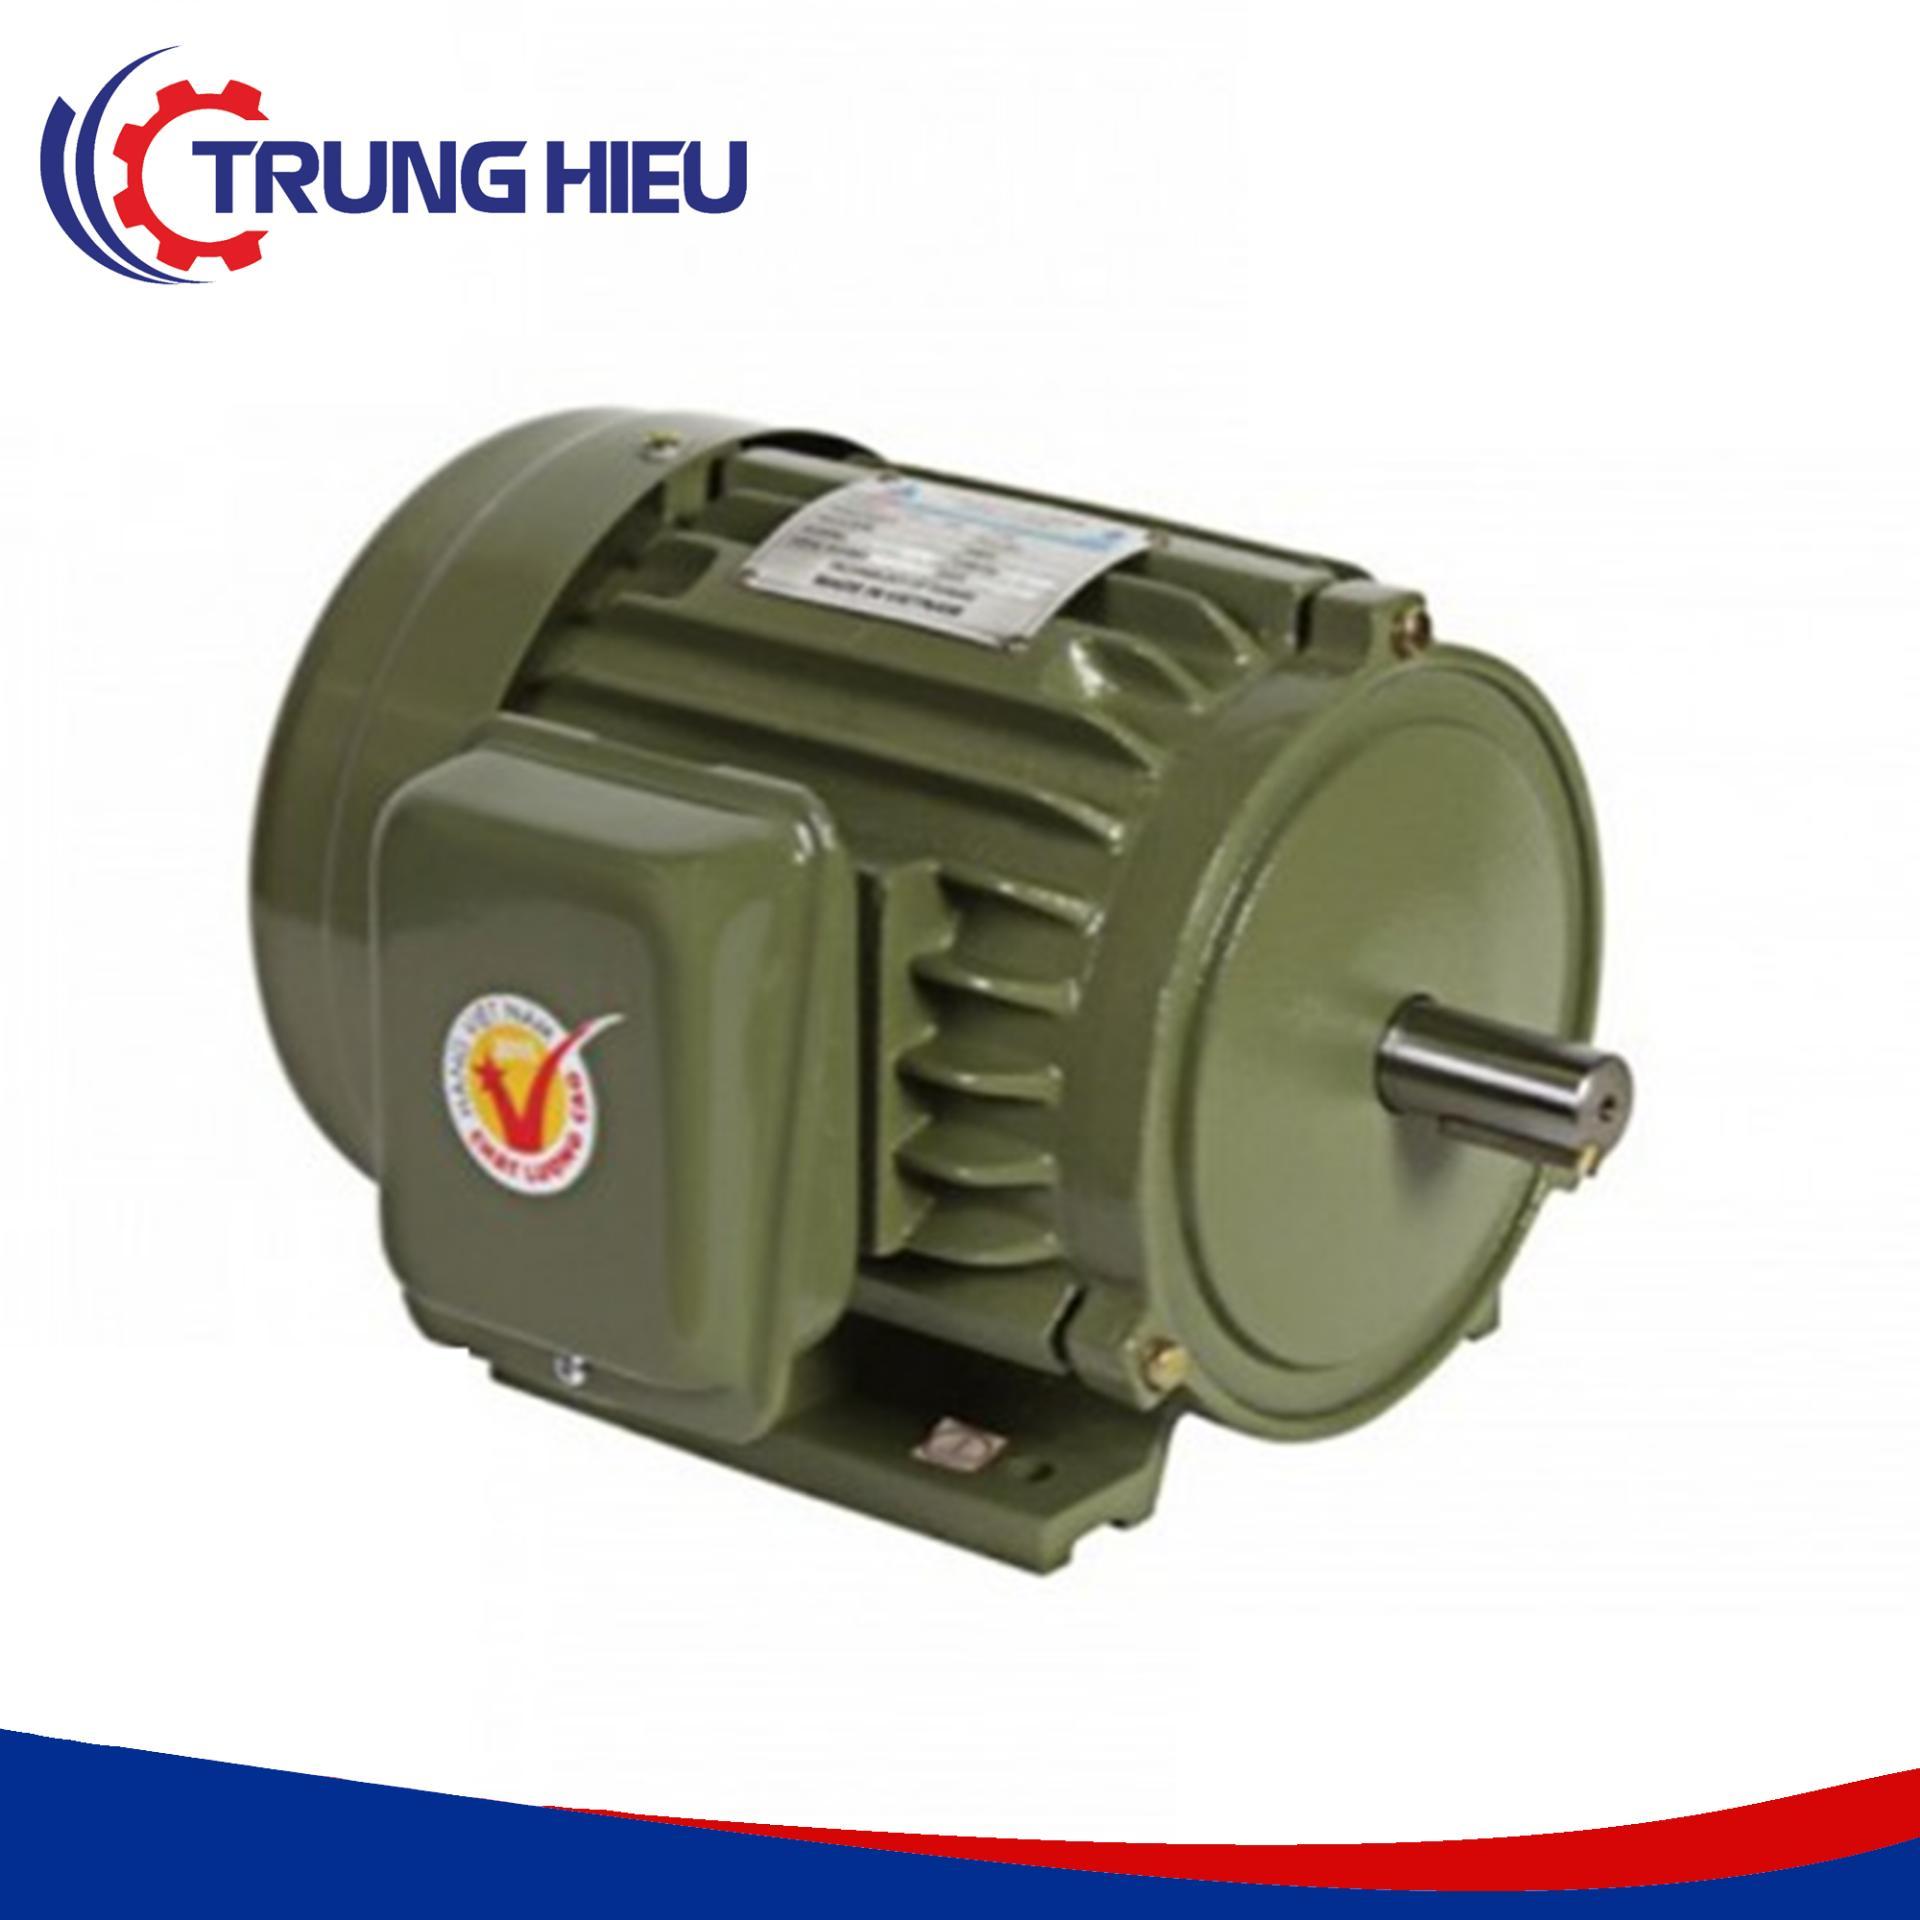 Motor vỏ gang chân đế Hồng Ký HKM234 2HP 380V 1450v/p